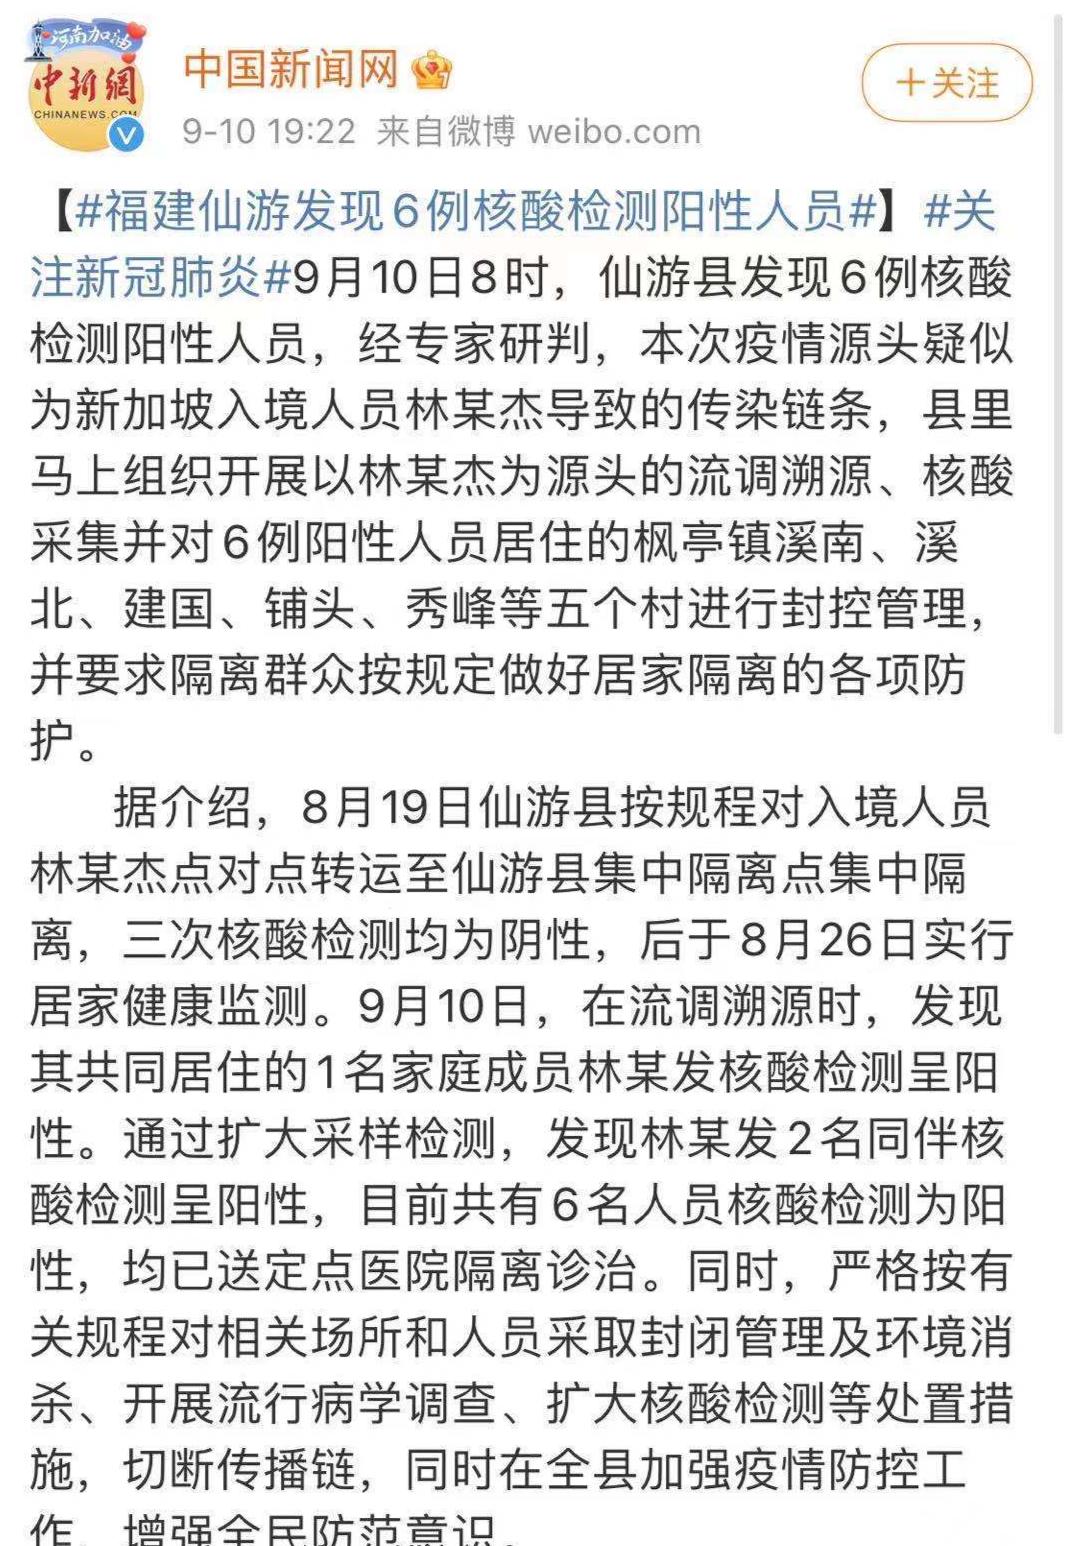 福建仙游疫情疑似源头林某杰是谁?林俊杰发微博显示人在新加坡